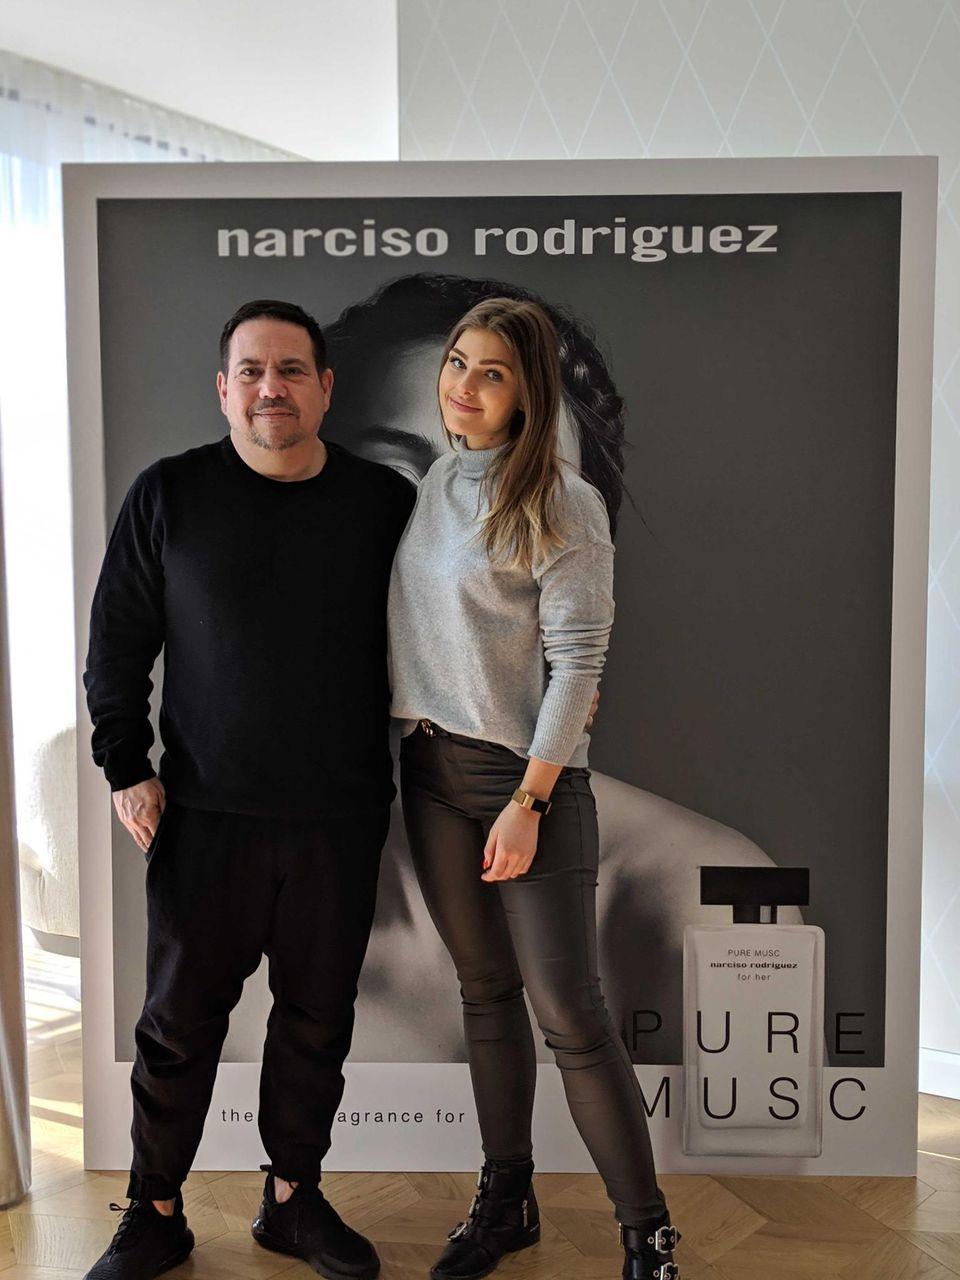 Duftlayering: Narciso Rodriguez